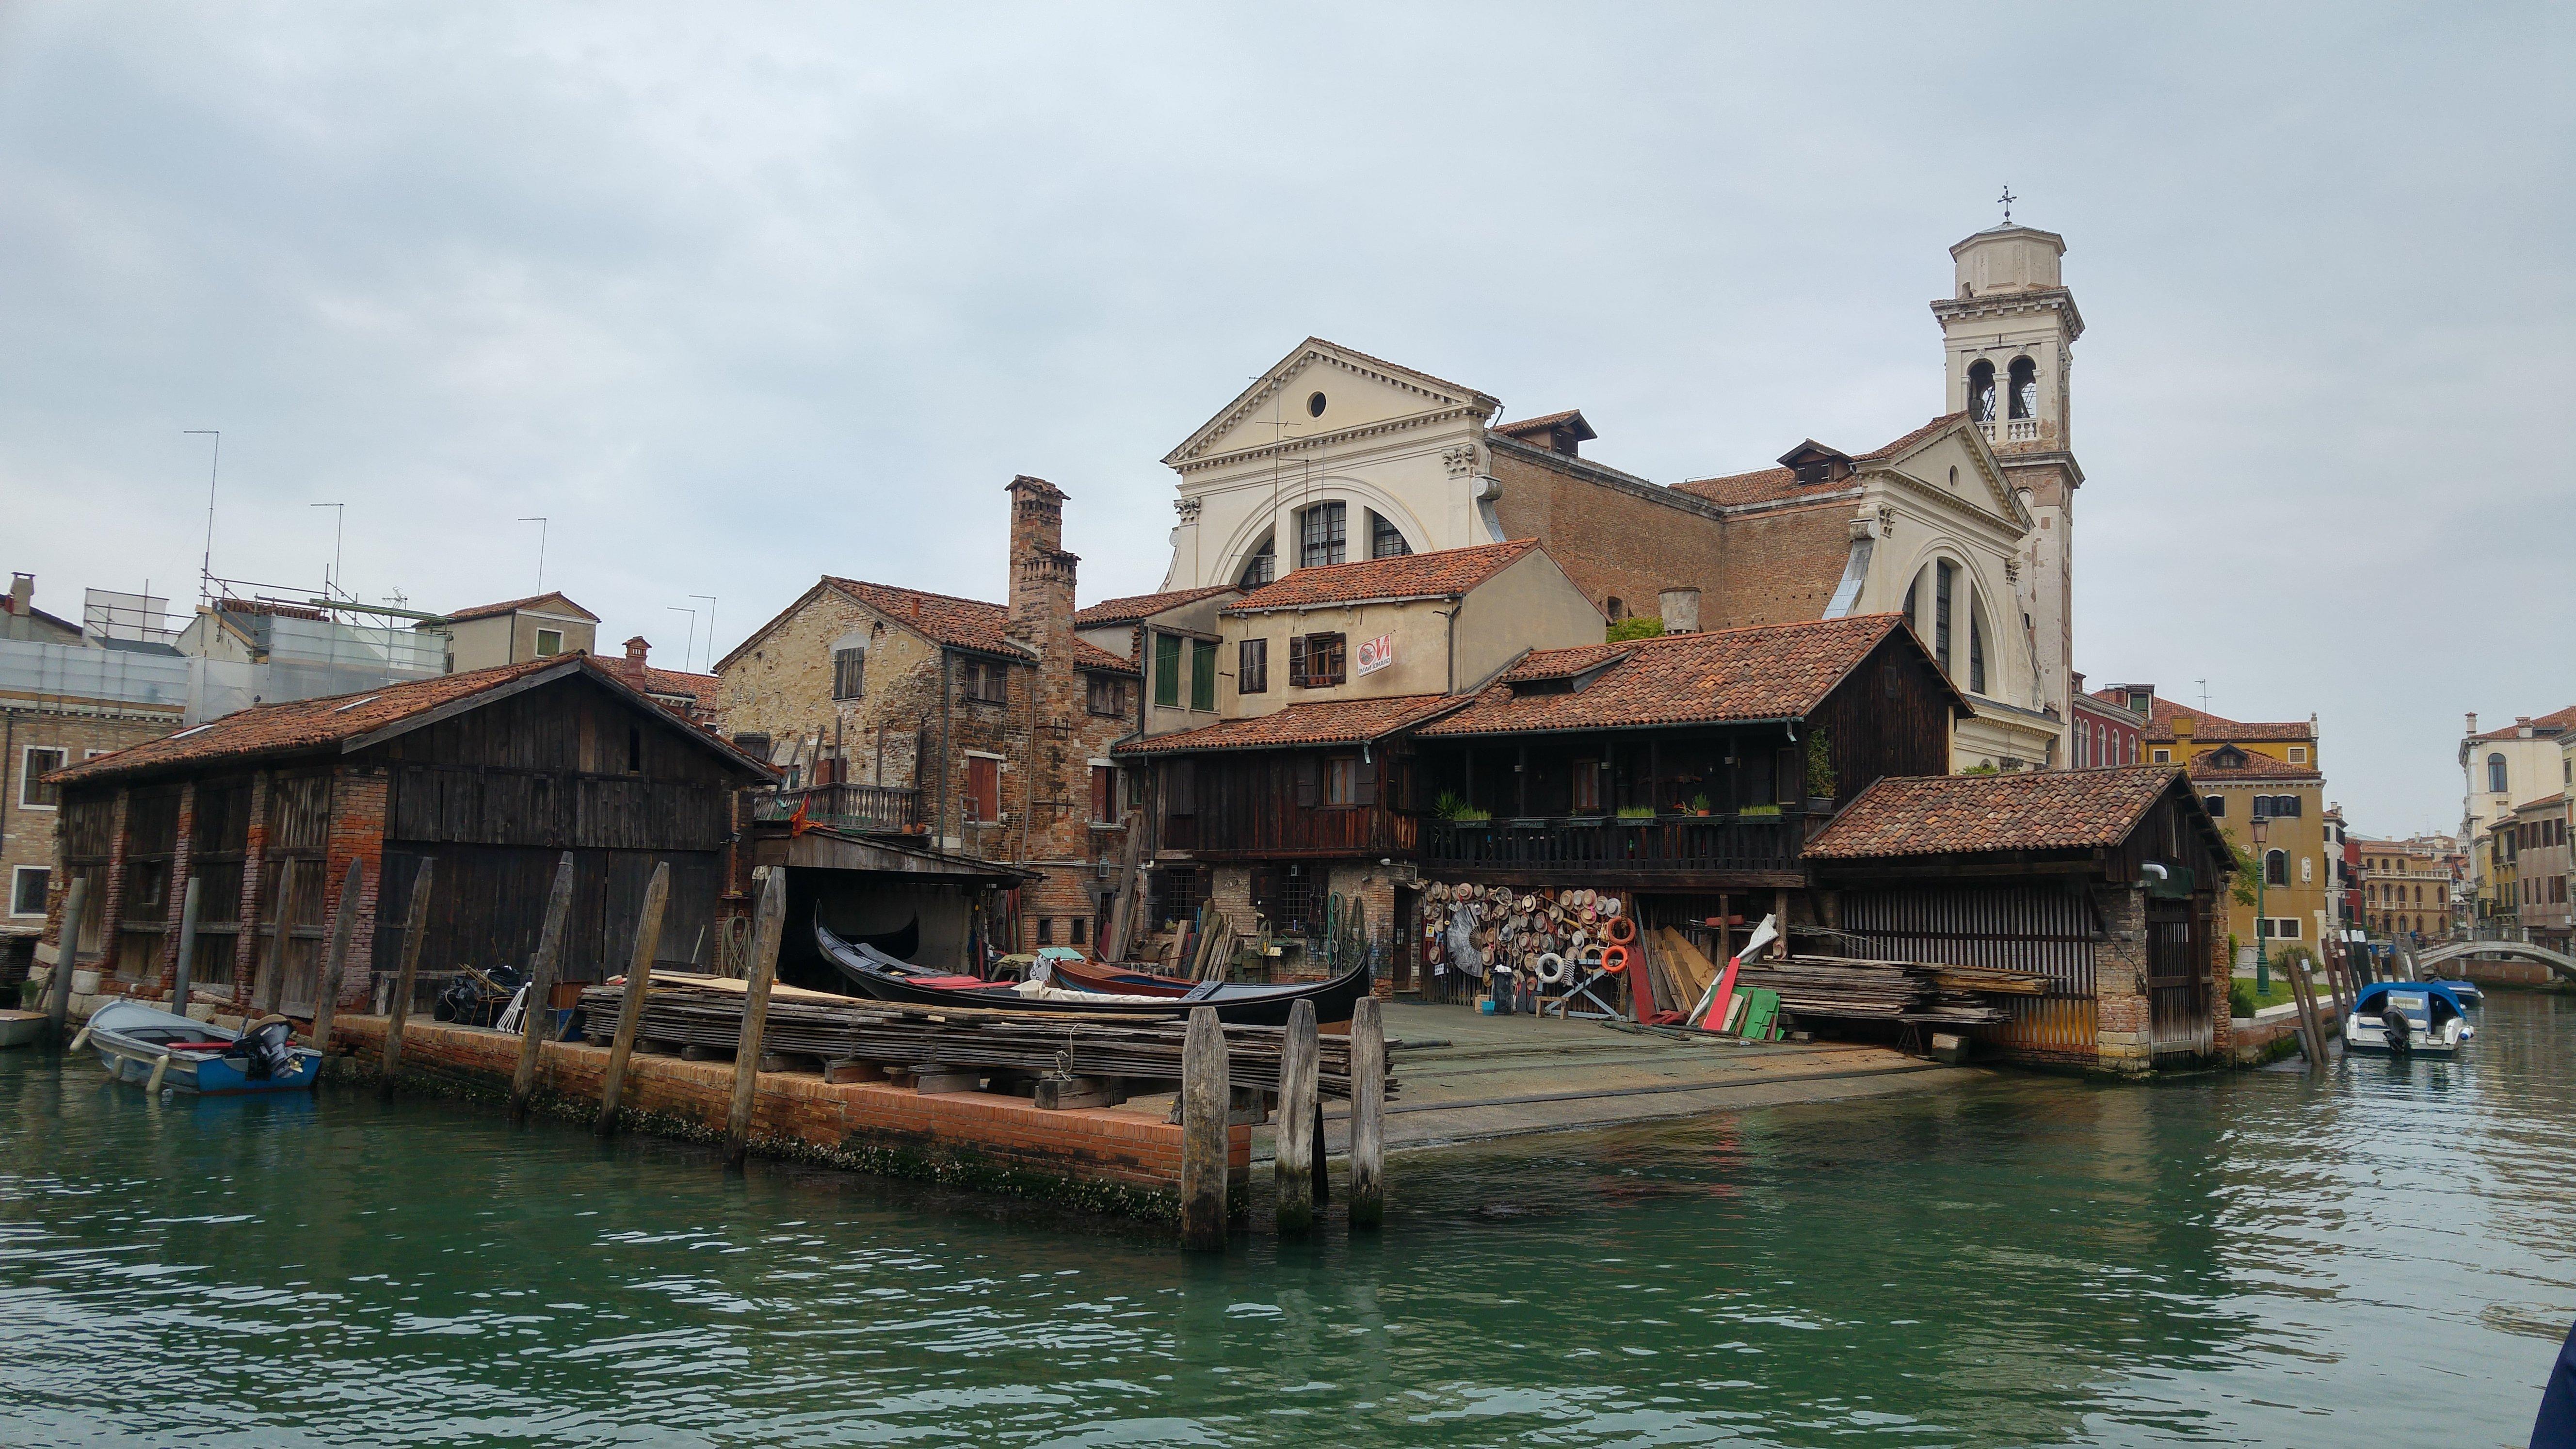 Squero di San Trovaso, dove venivano prodotte le gondole a Venezia